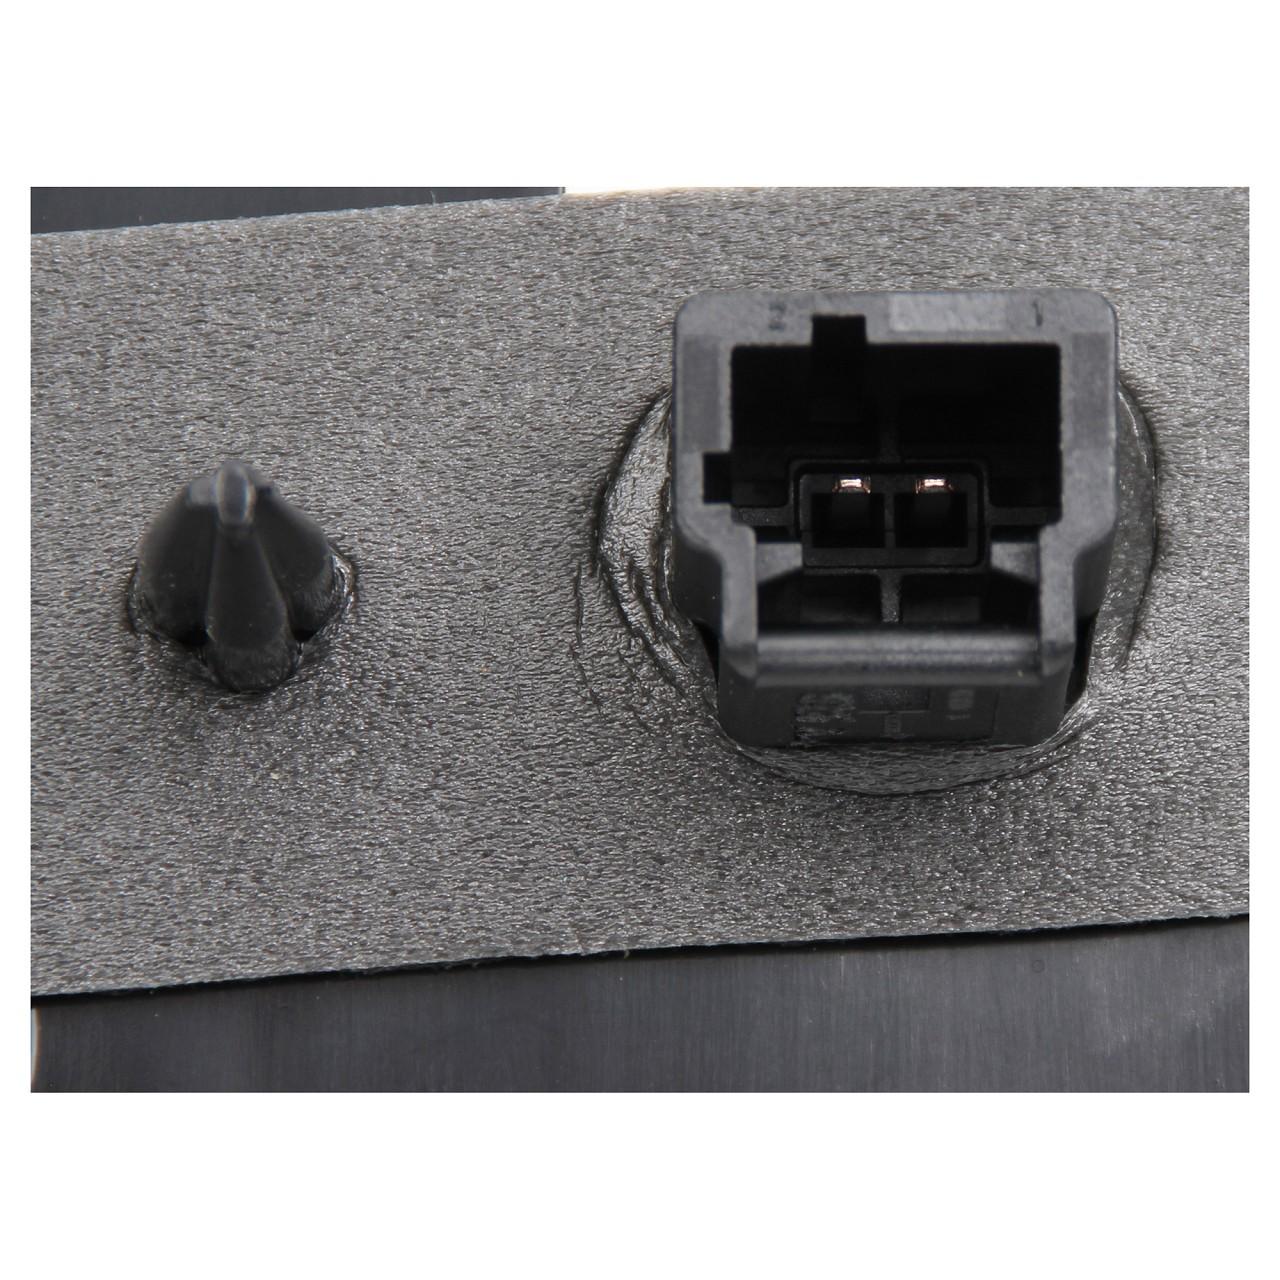 ORIGINAL Citroen Heckklappengriff C4 Picasso / C4 Grand Picasso 8726.V7